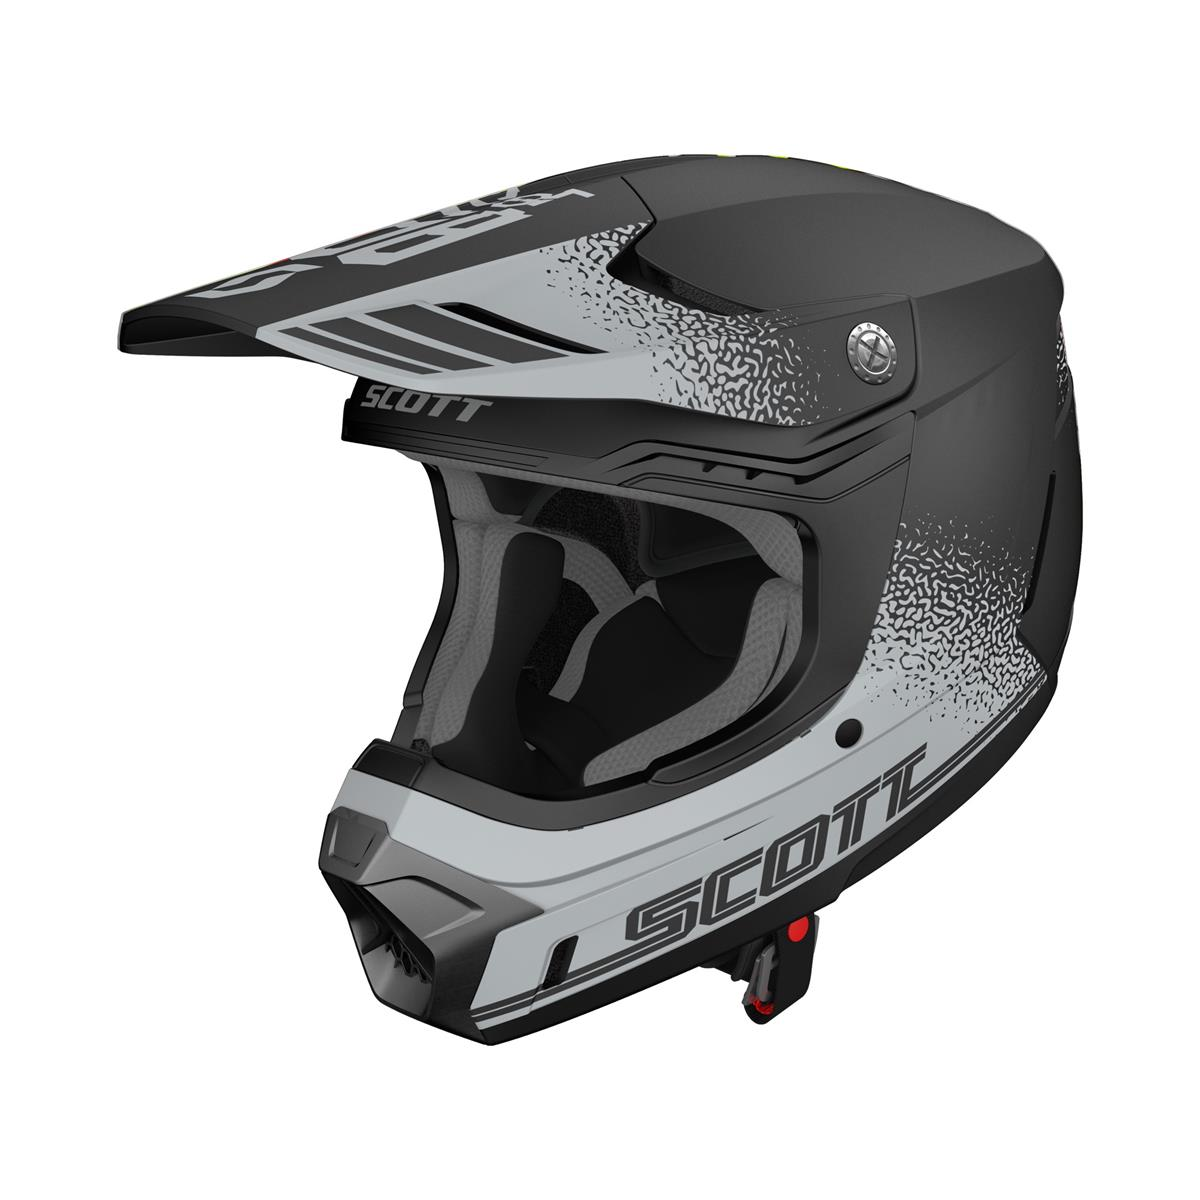 Scott Helm 350 Evo Plus Retro MIPS Grau/Schwarz